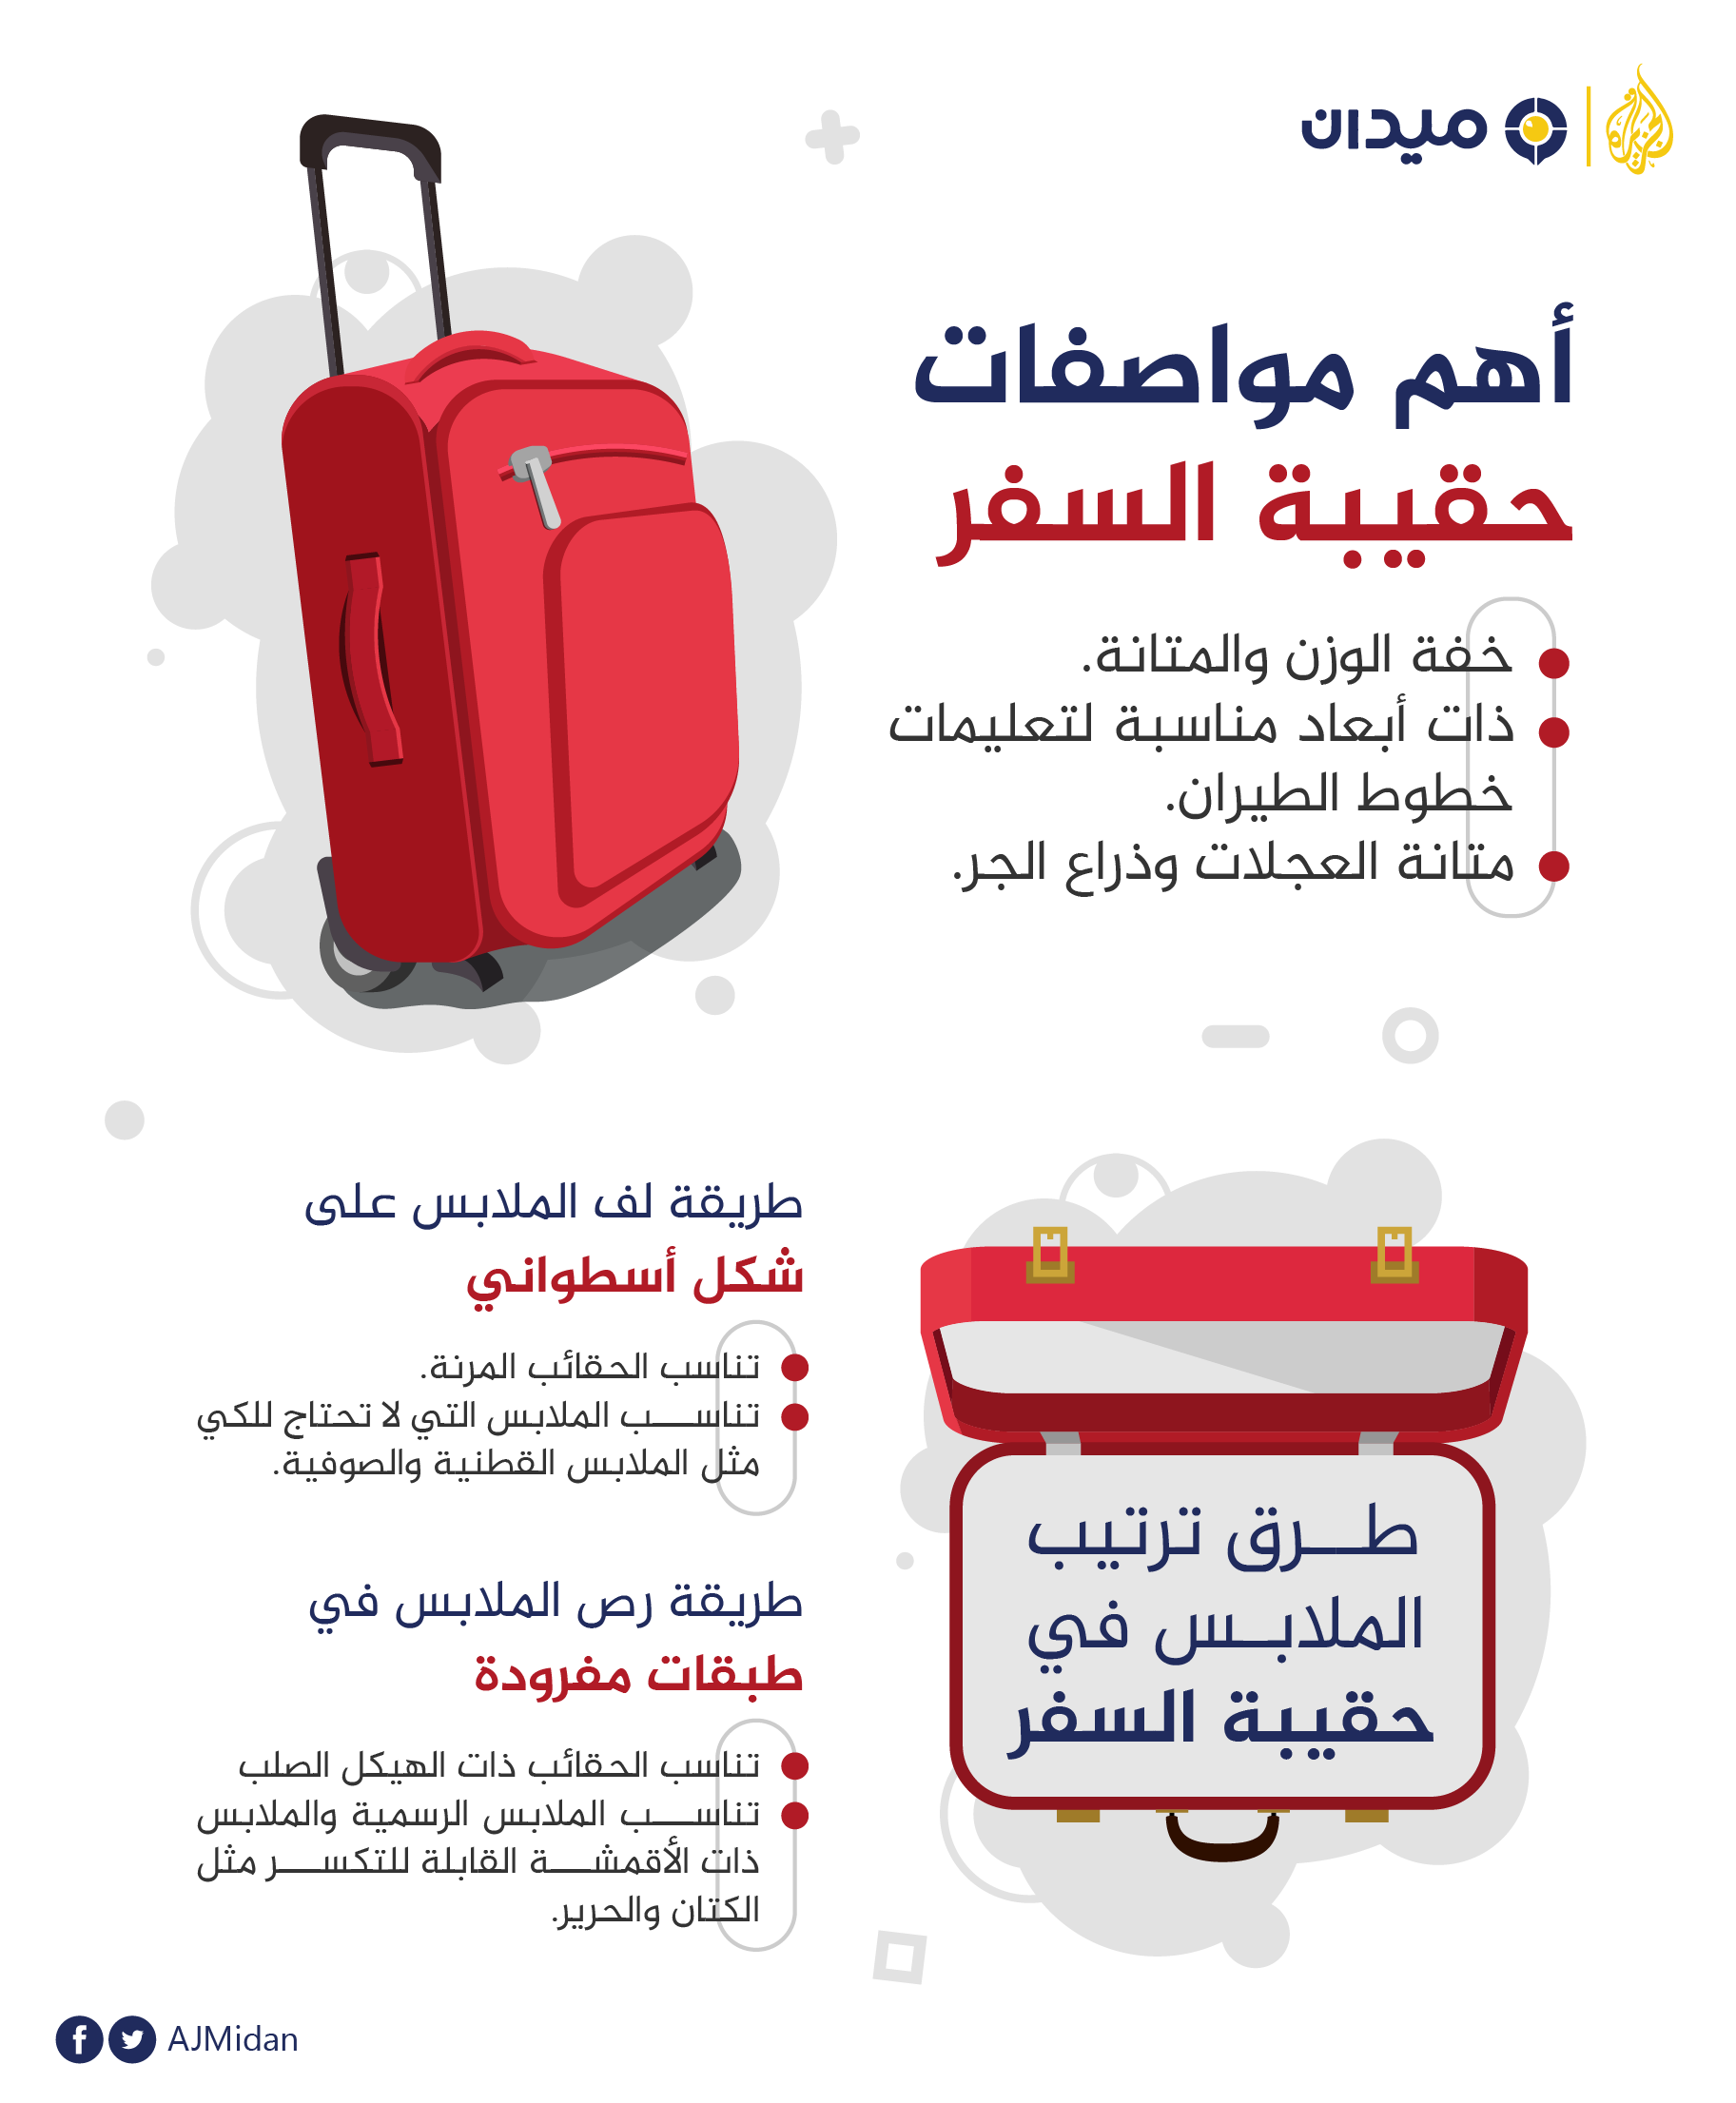 اتفاق بيو منزل ابعاد الحقائب على الخطوط السعودية Ballermann 6 Org